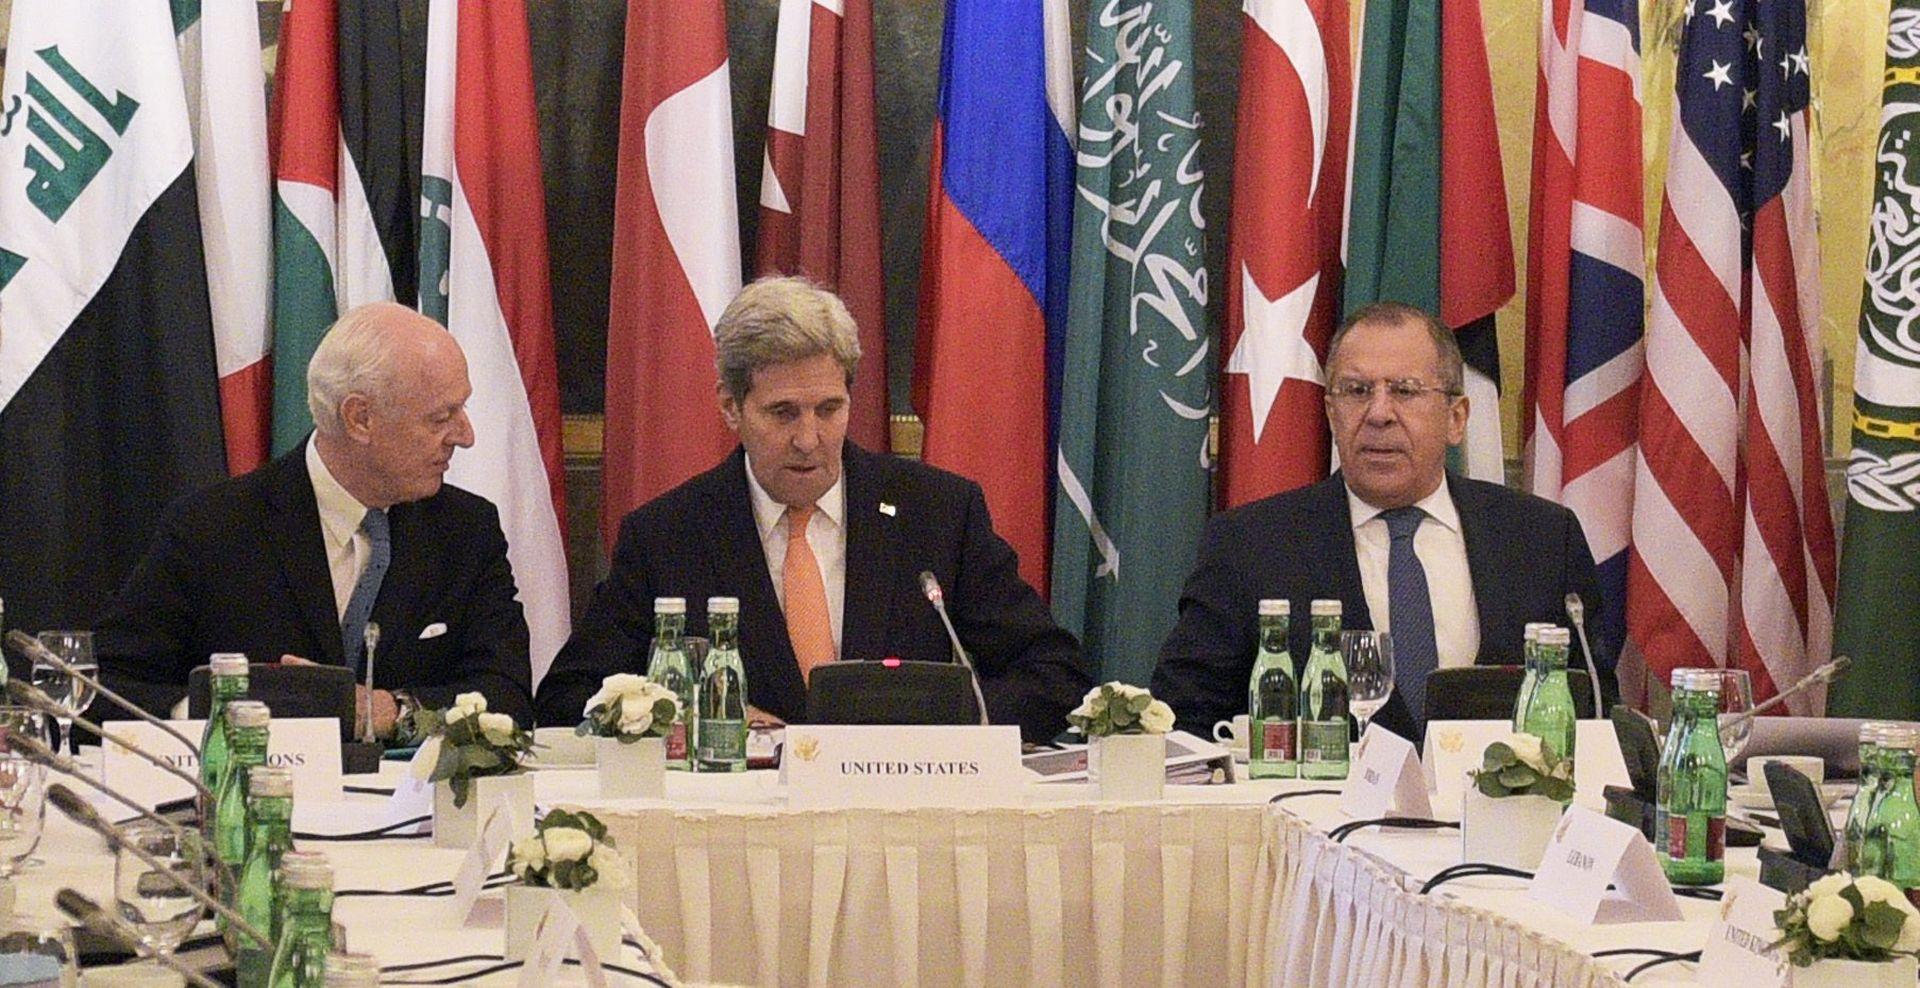 Nakon napada u Parizu težište sirijskih mirovnih pregovora u Beču je borba protiv IS-a